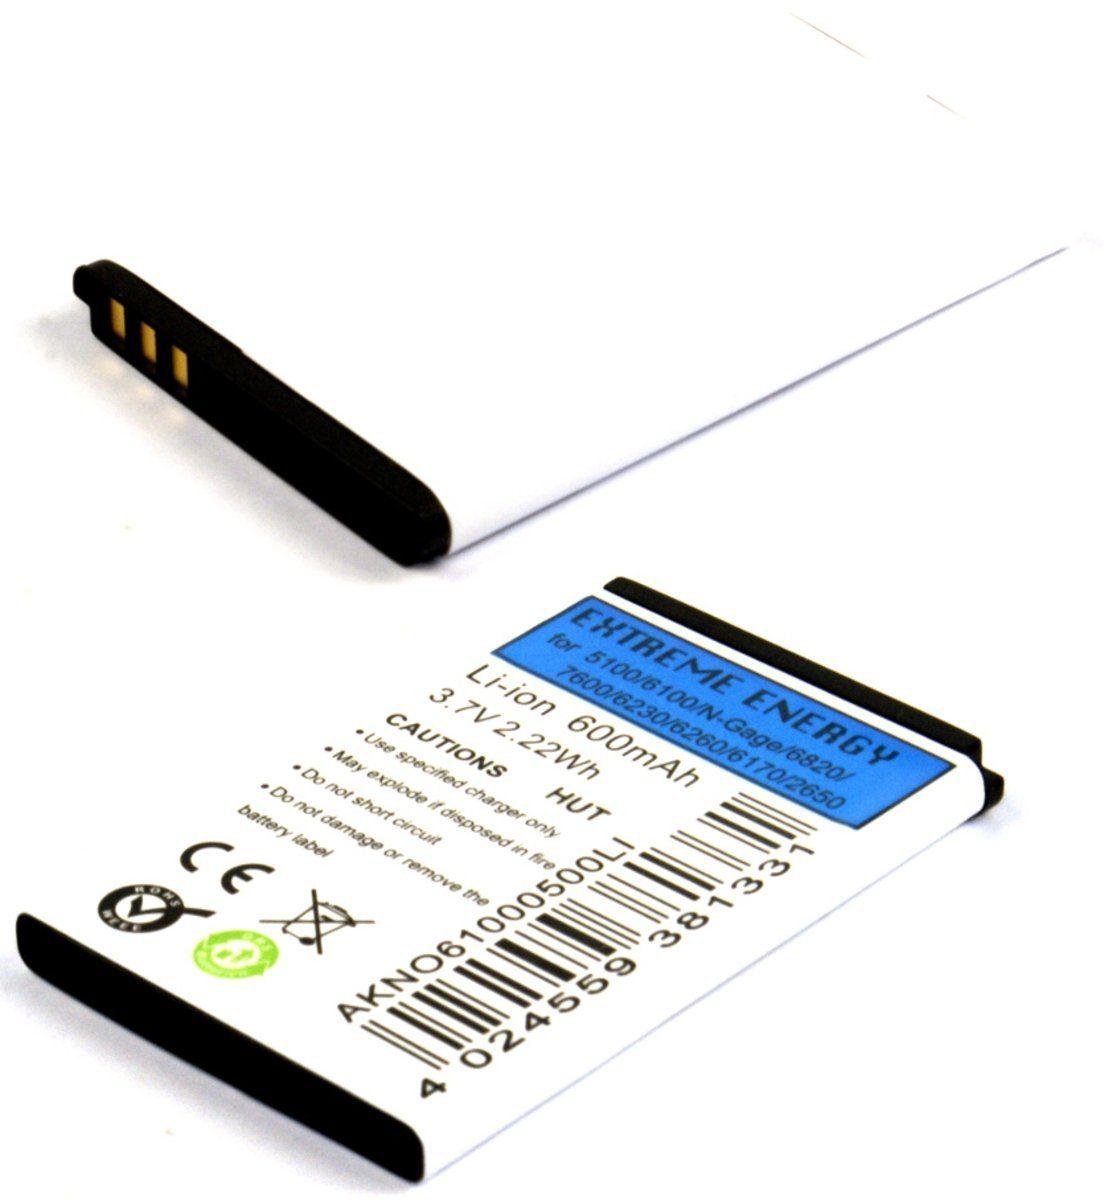 Fontastic Akku »Akku Li-Ion 600mAh für Nokia 5100/6100«